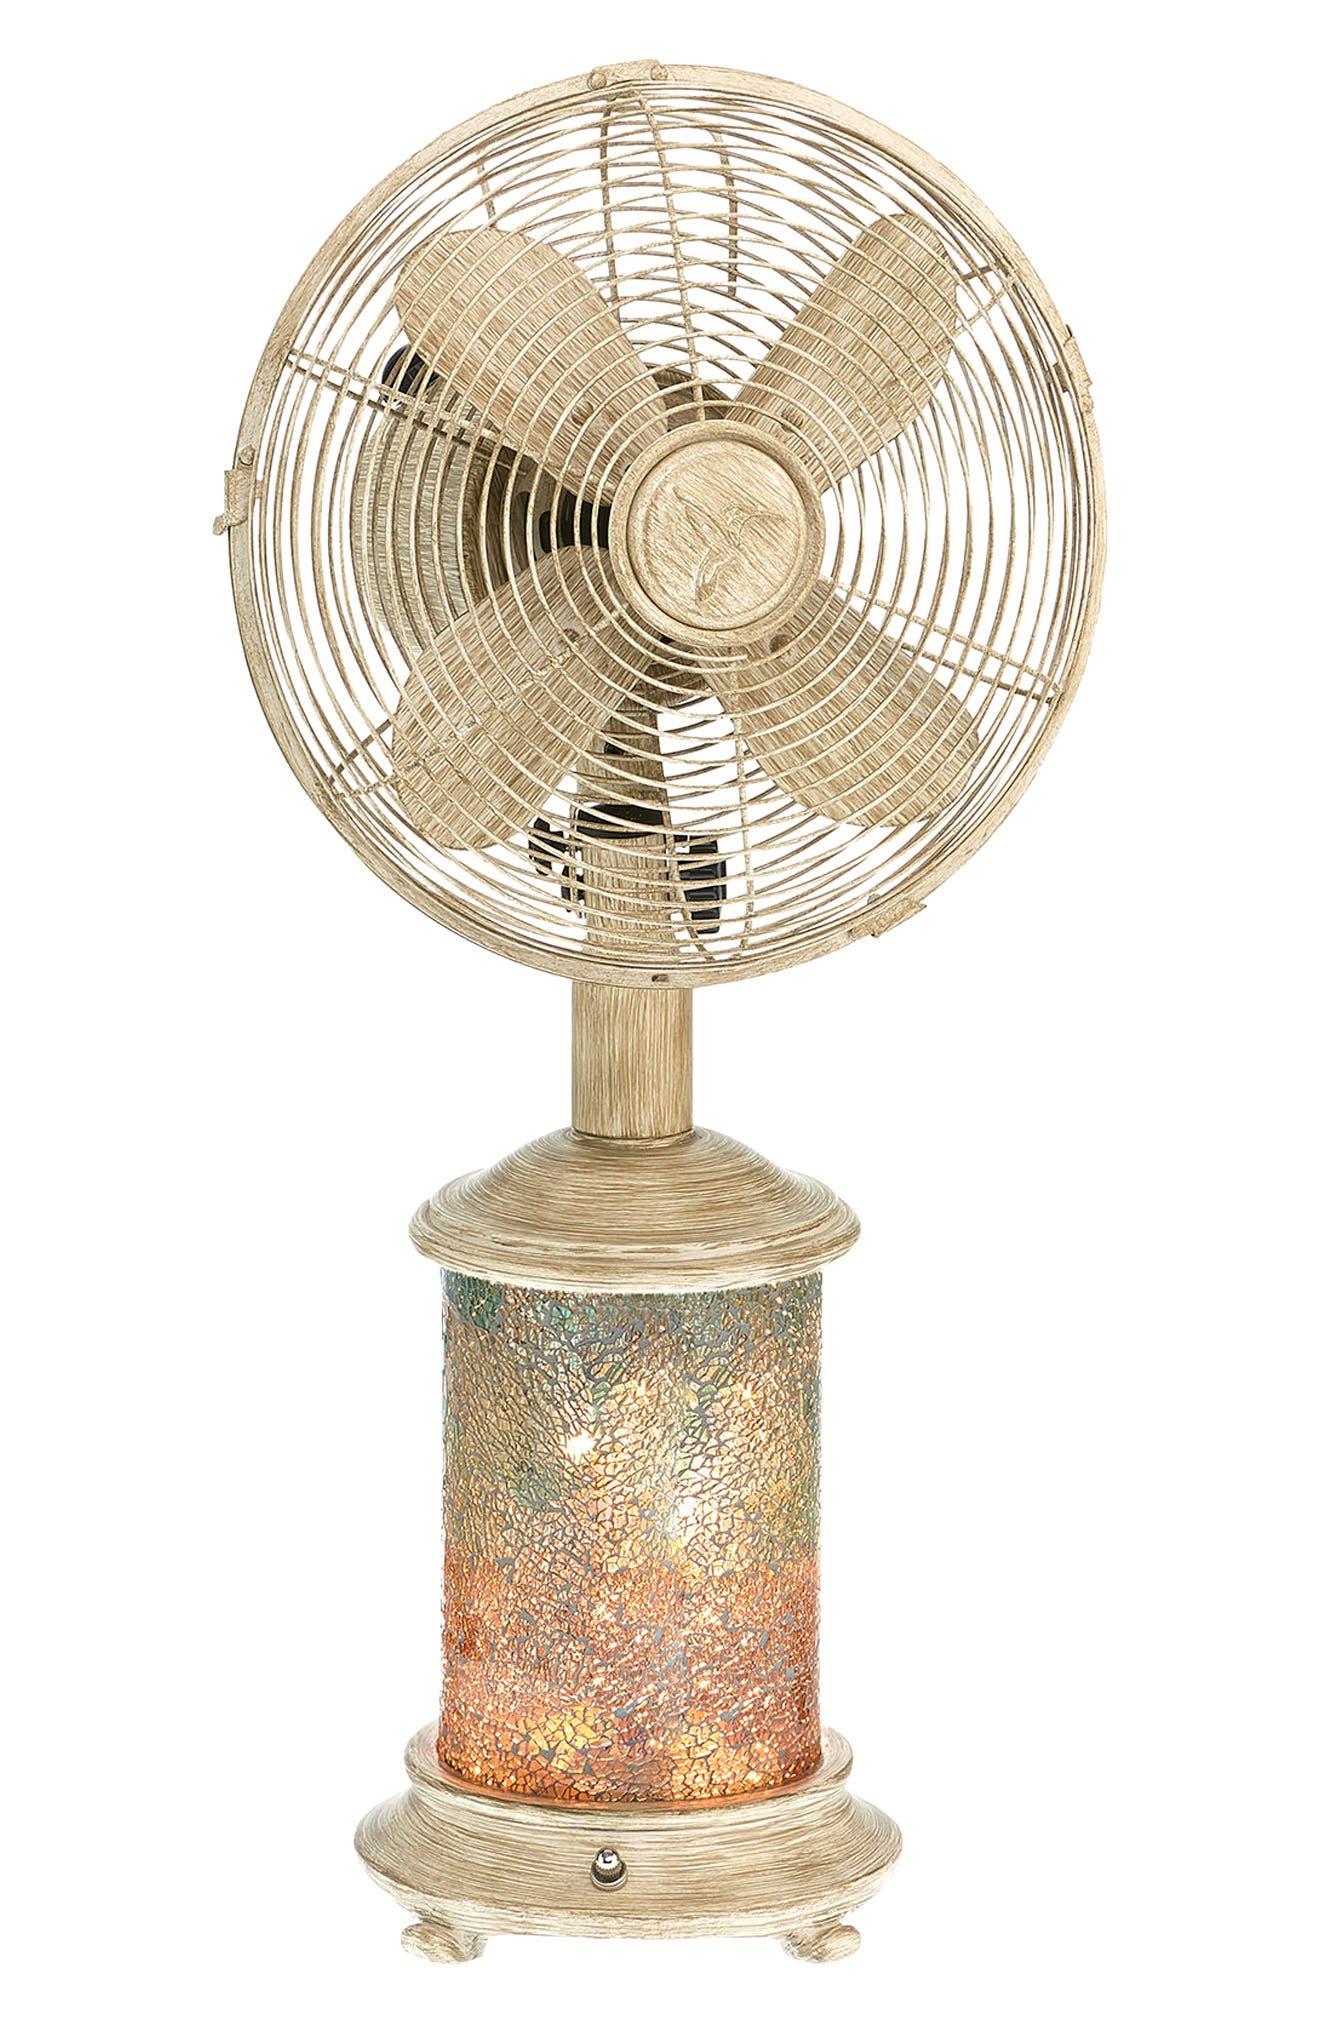 Main Image - DecoBREEZE Sea Breeze Table Fan & Light